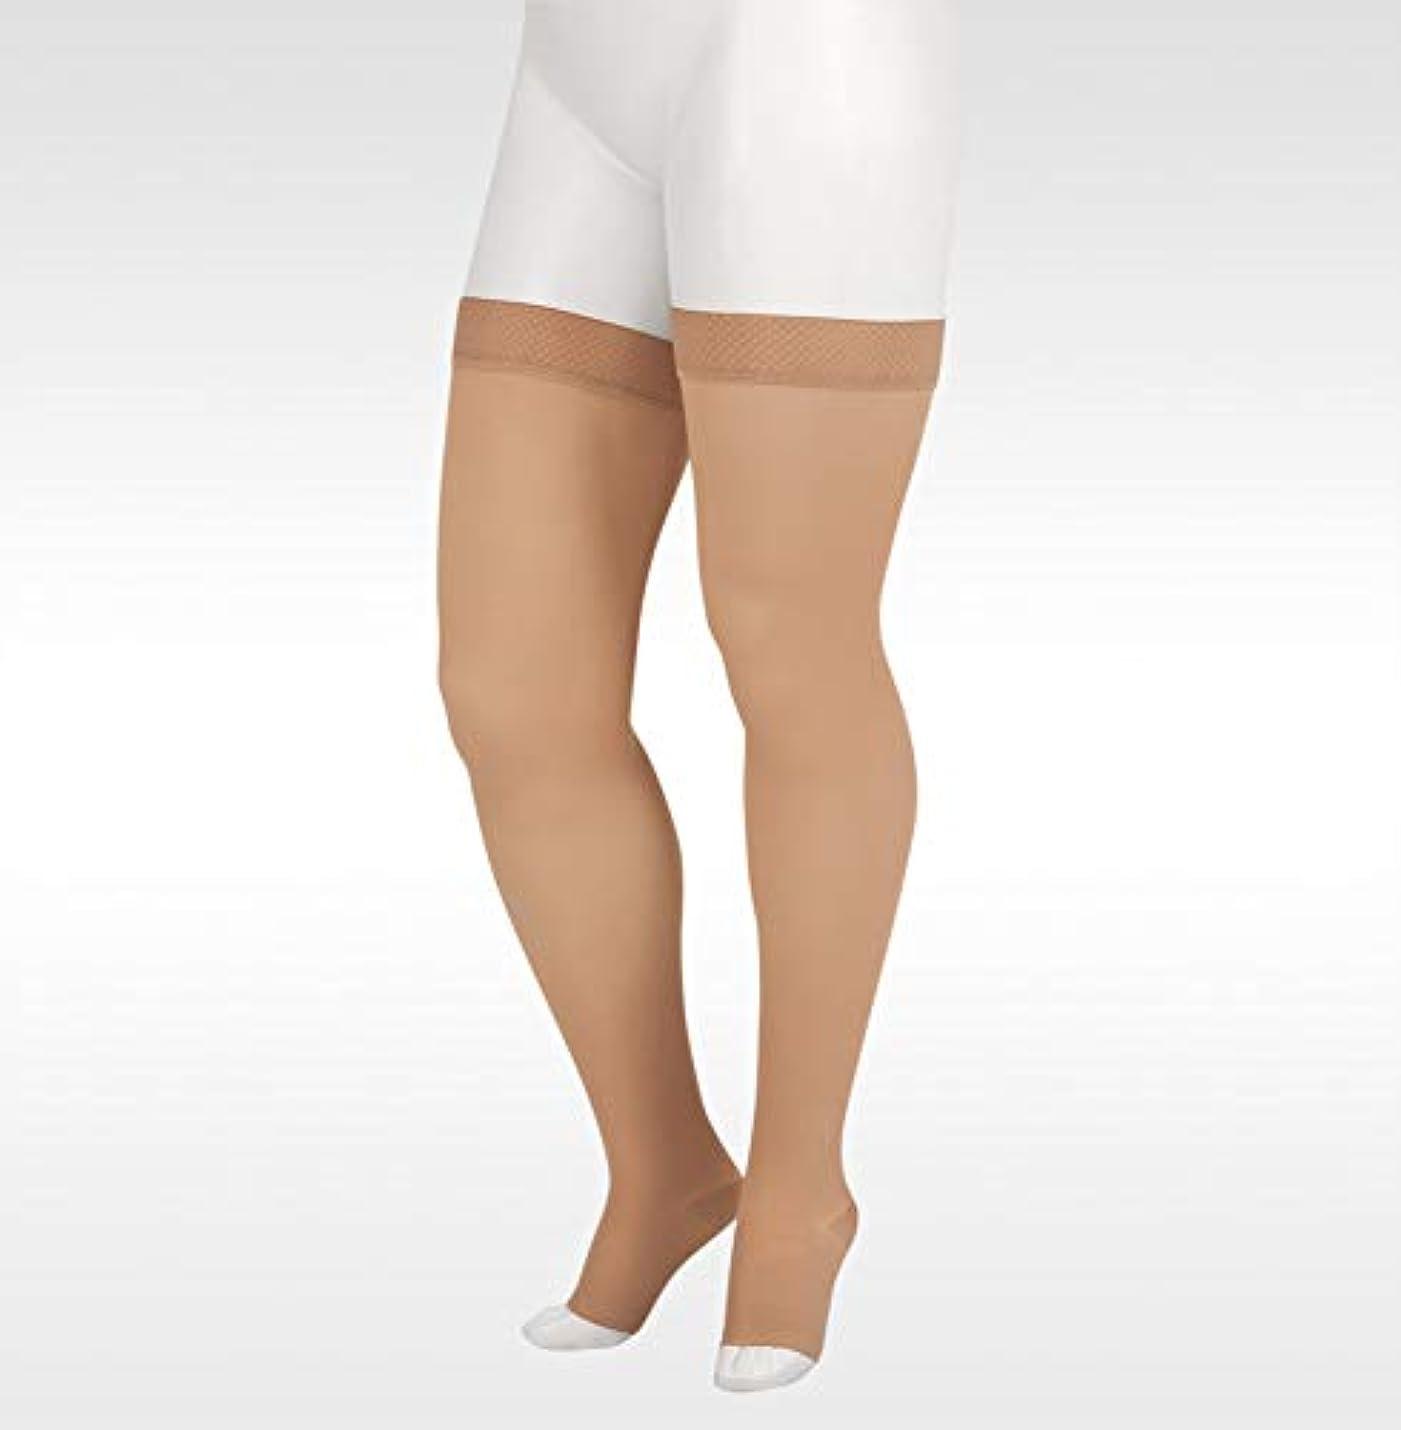 継続中祖母重要な役割を果たす、中心的な手段となるJuzo Soft Thigh High With Silicone Dot Band 30-40mmHg Open Toe, IV, Beige by Juzo